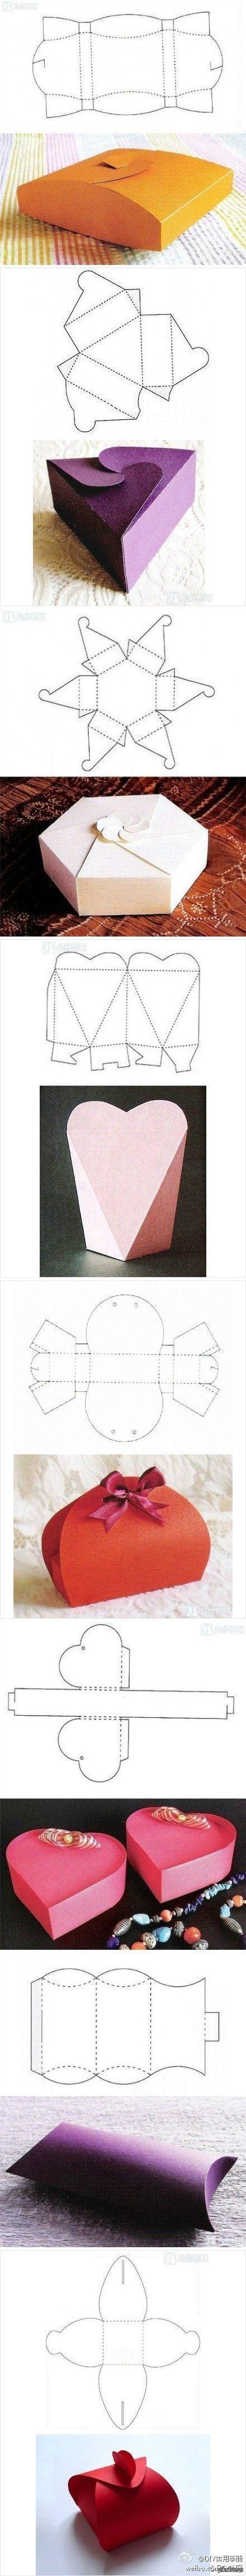 Как сделать самим упаковку для подарка